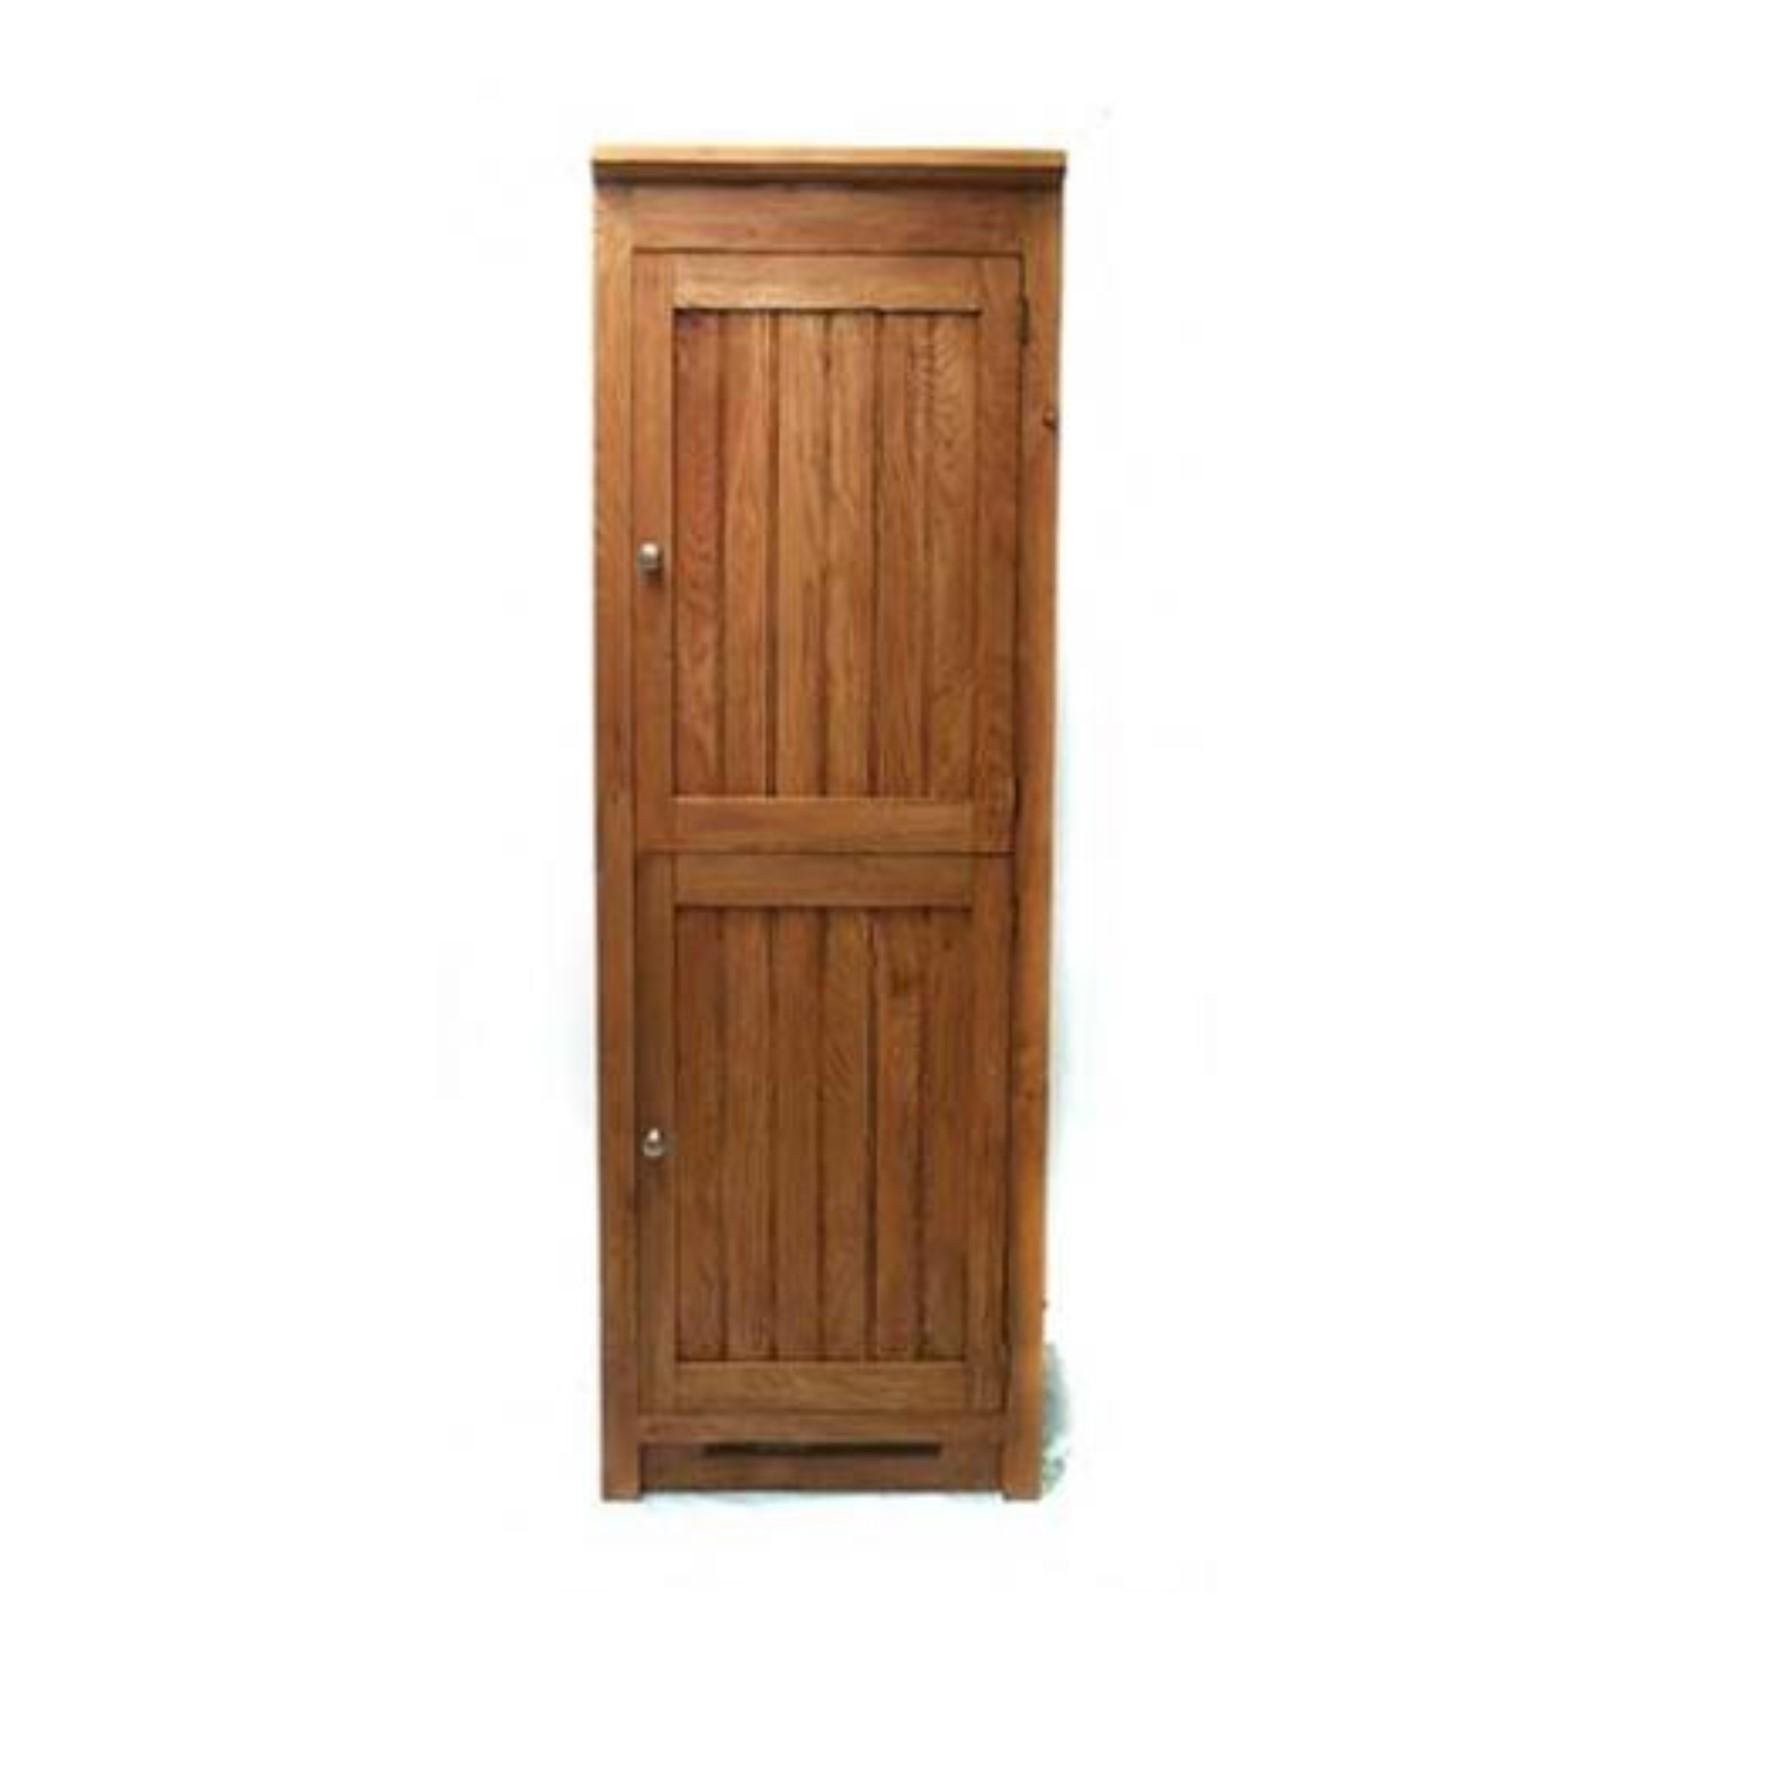 Avelyn Fridge Cabinet